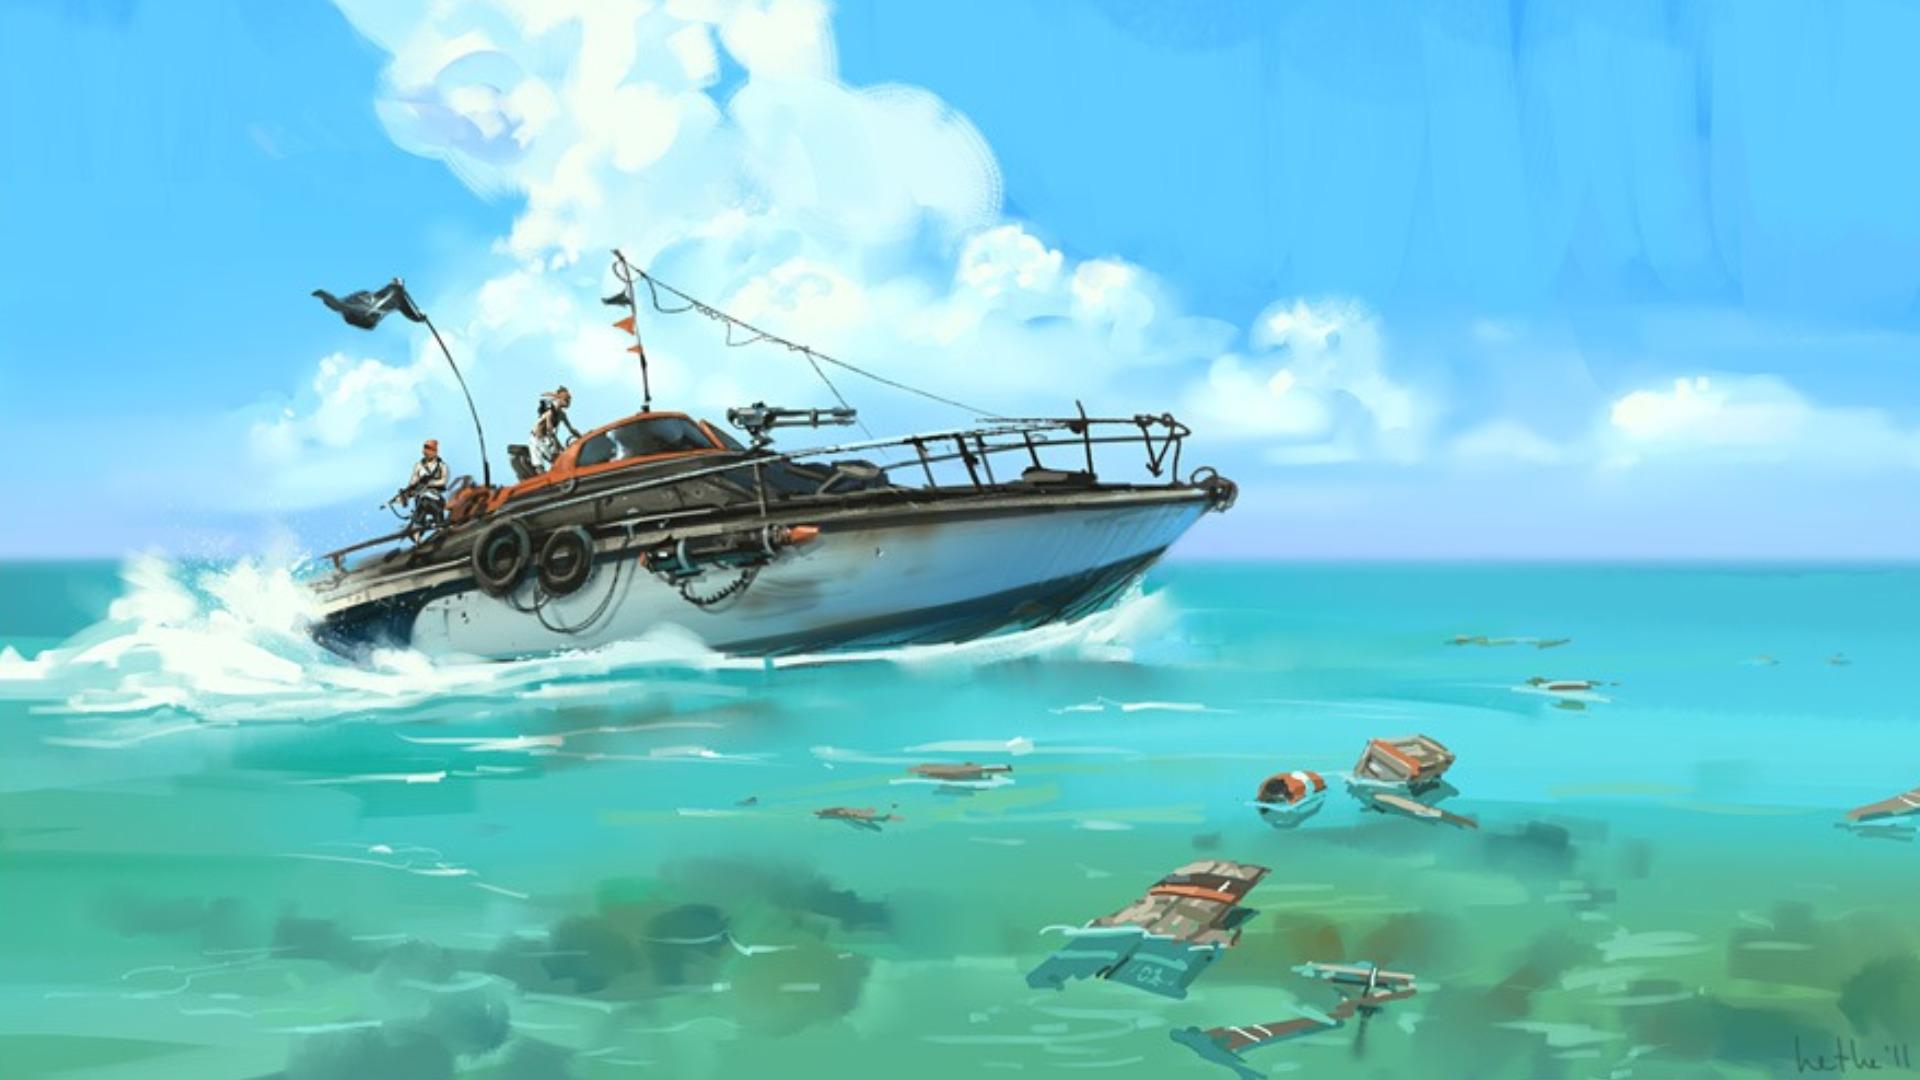 Boat HD Wallpaper